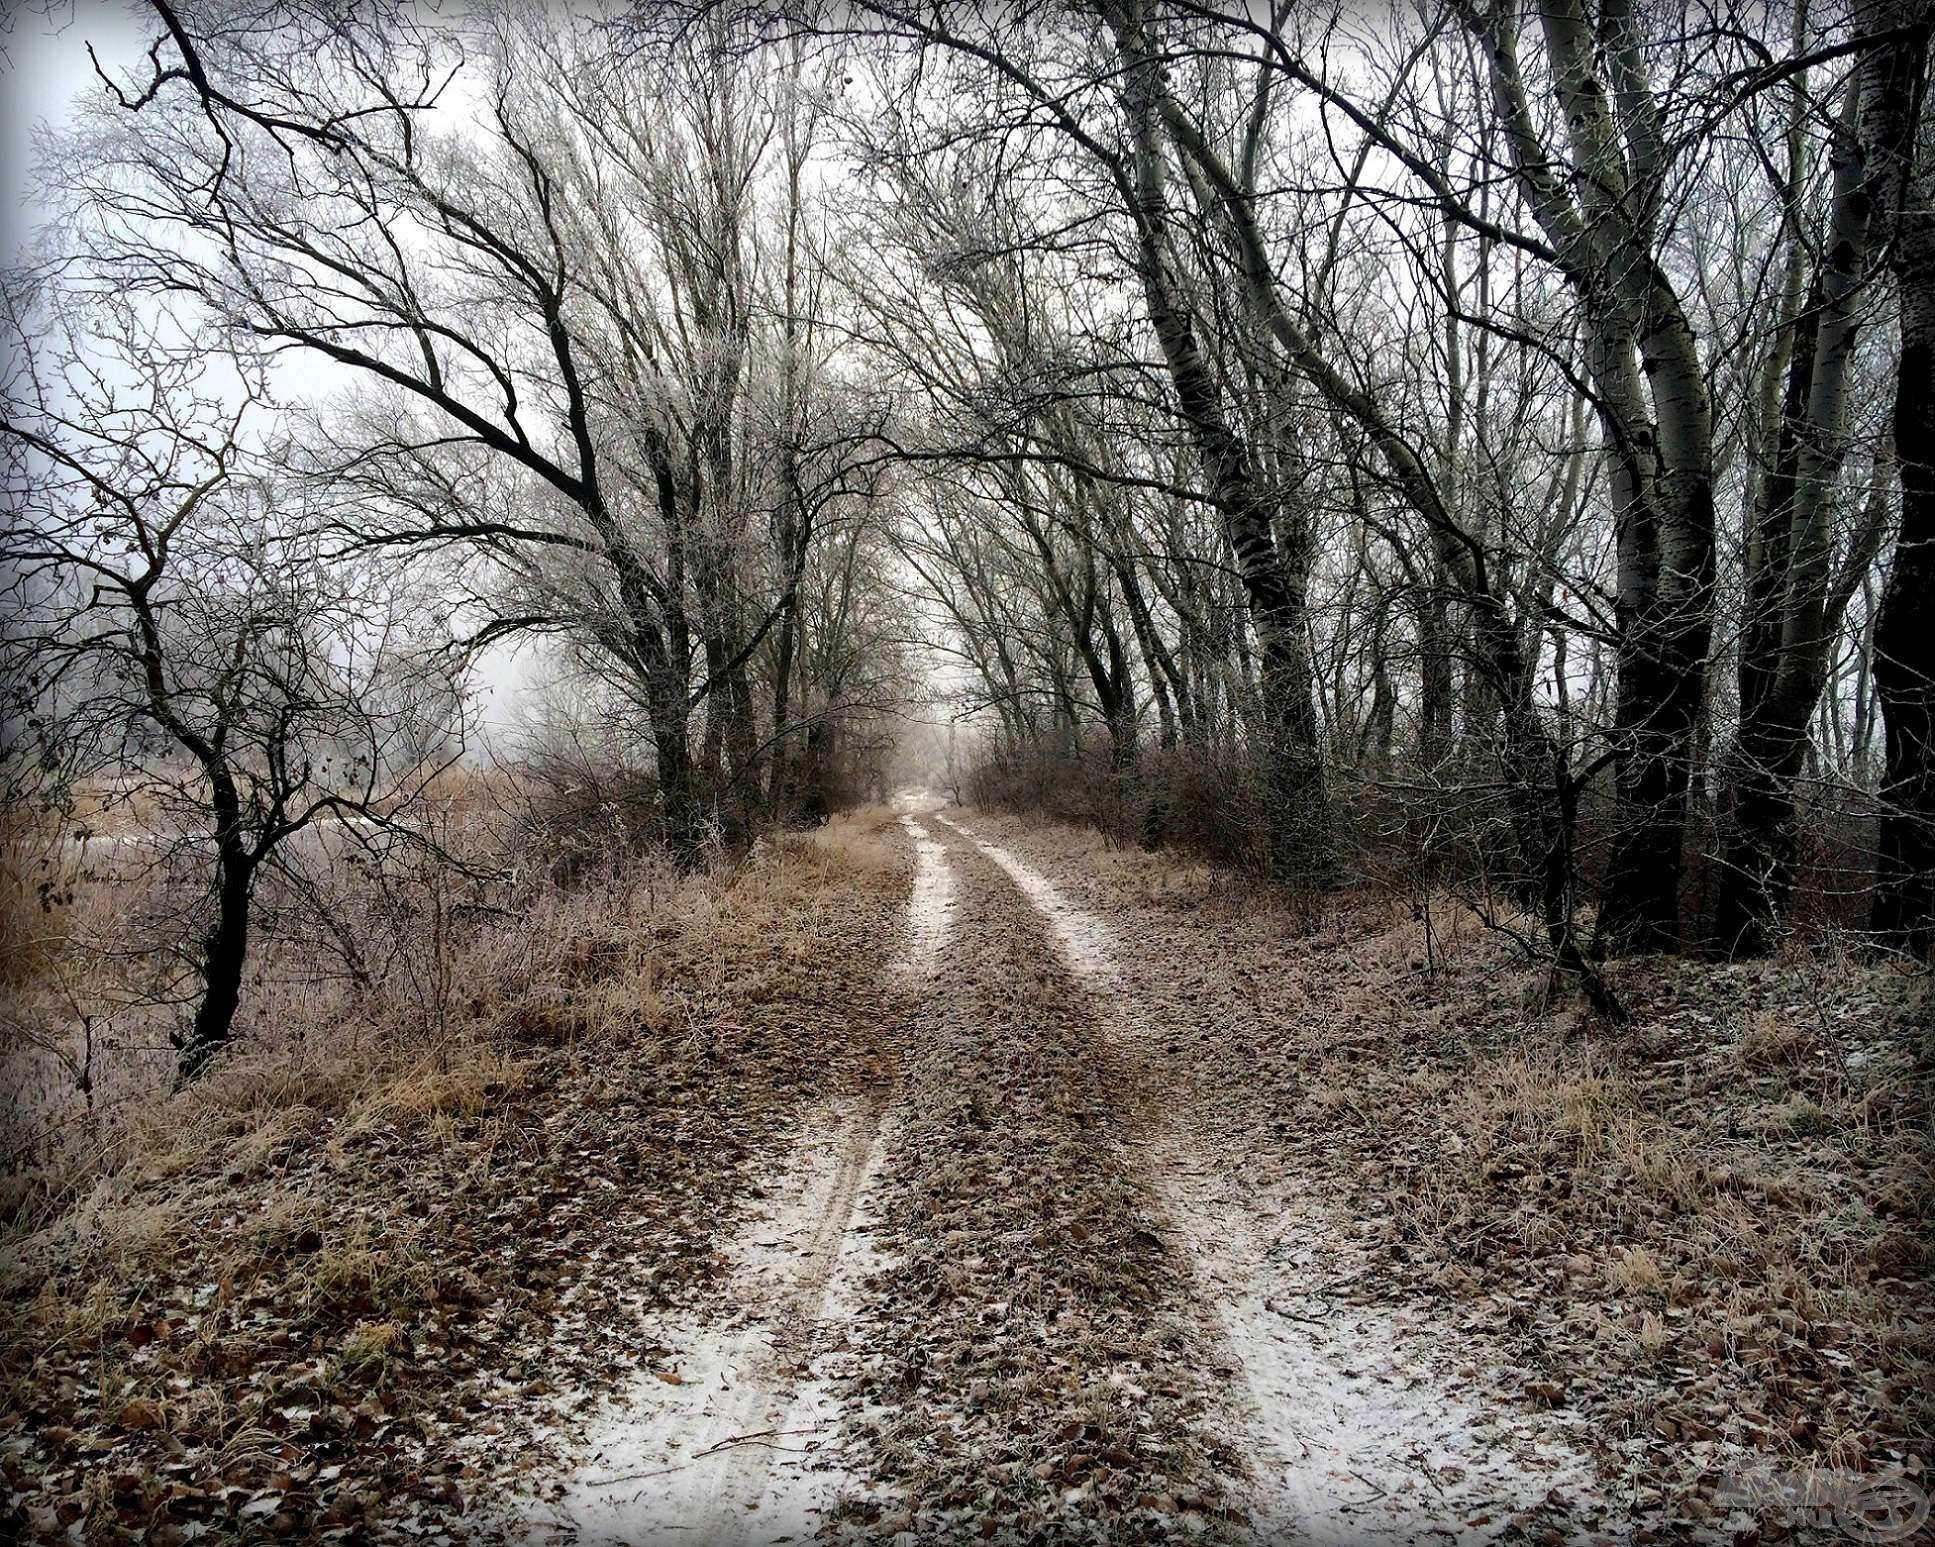 Elérkezett a hosszú téli séták ideje